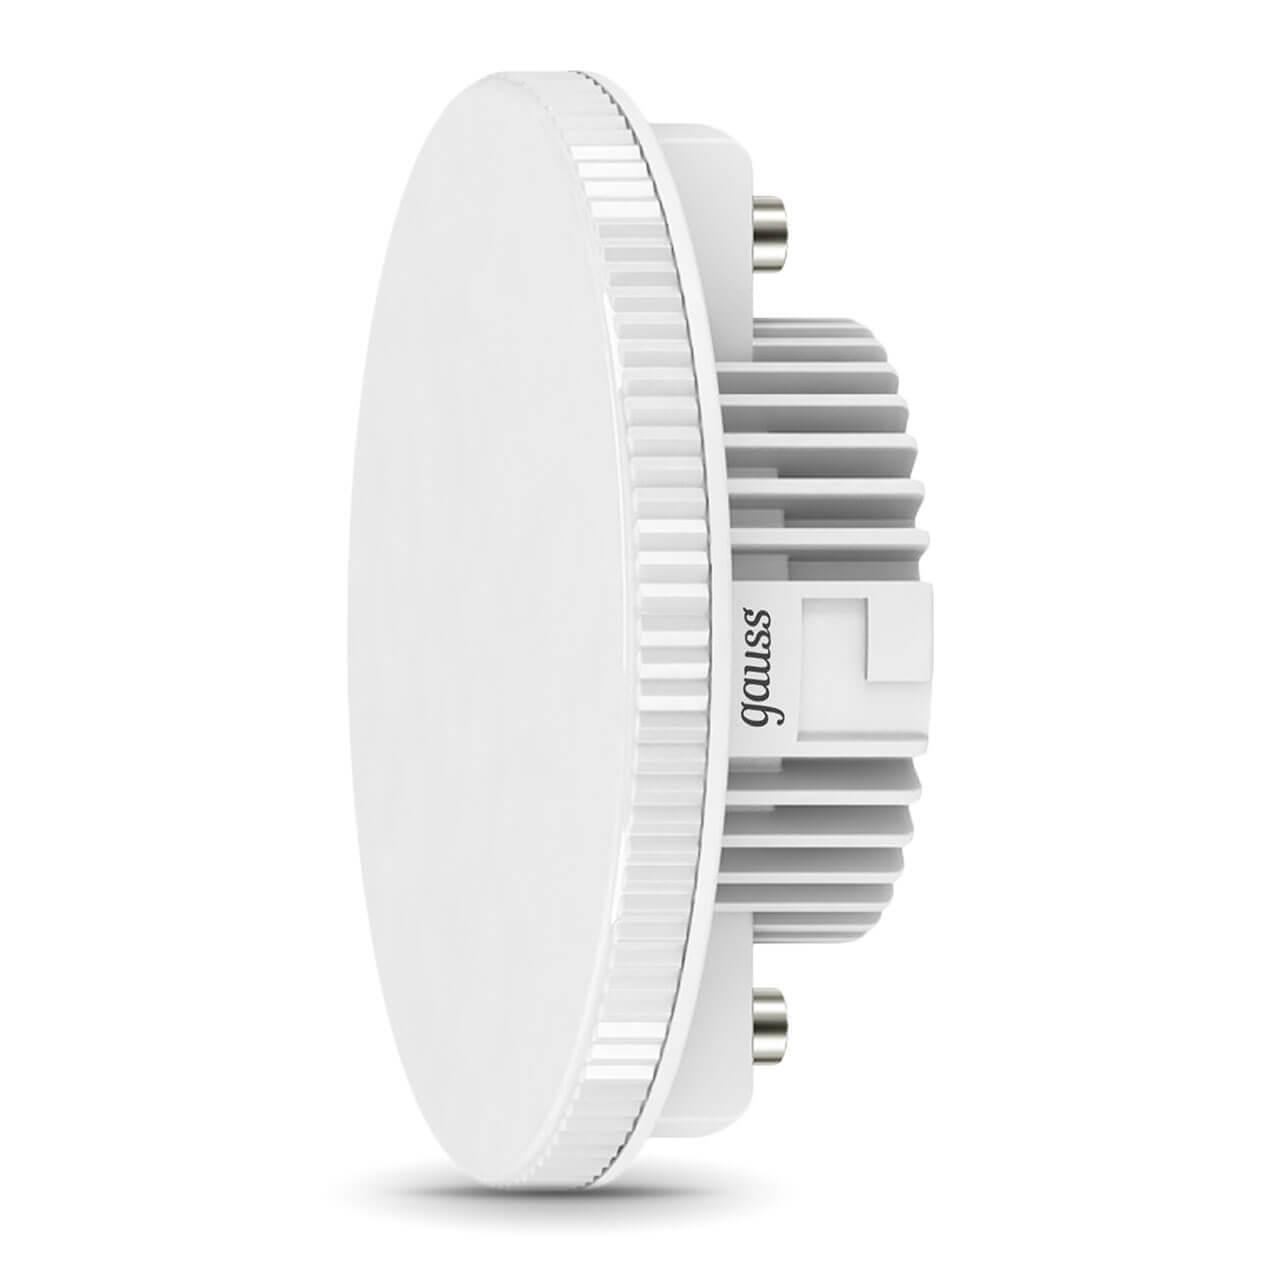 купить Лампа светодиодная Gauss GX53 6W 3000K матовая 108008106 по цене 265 рублей